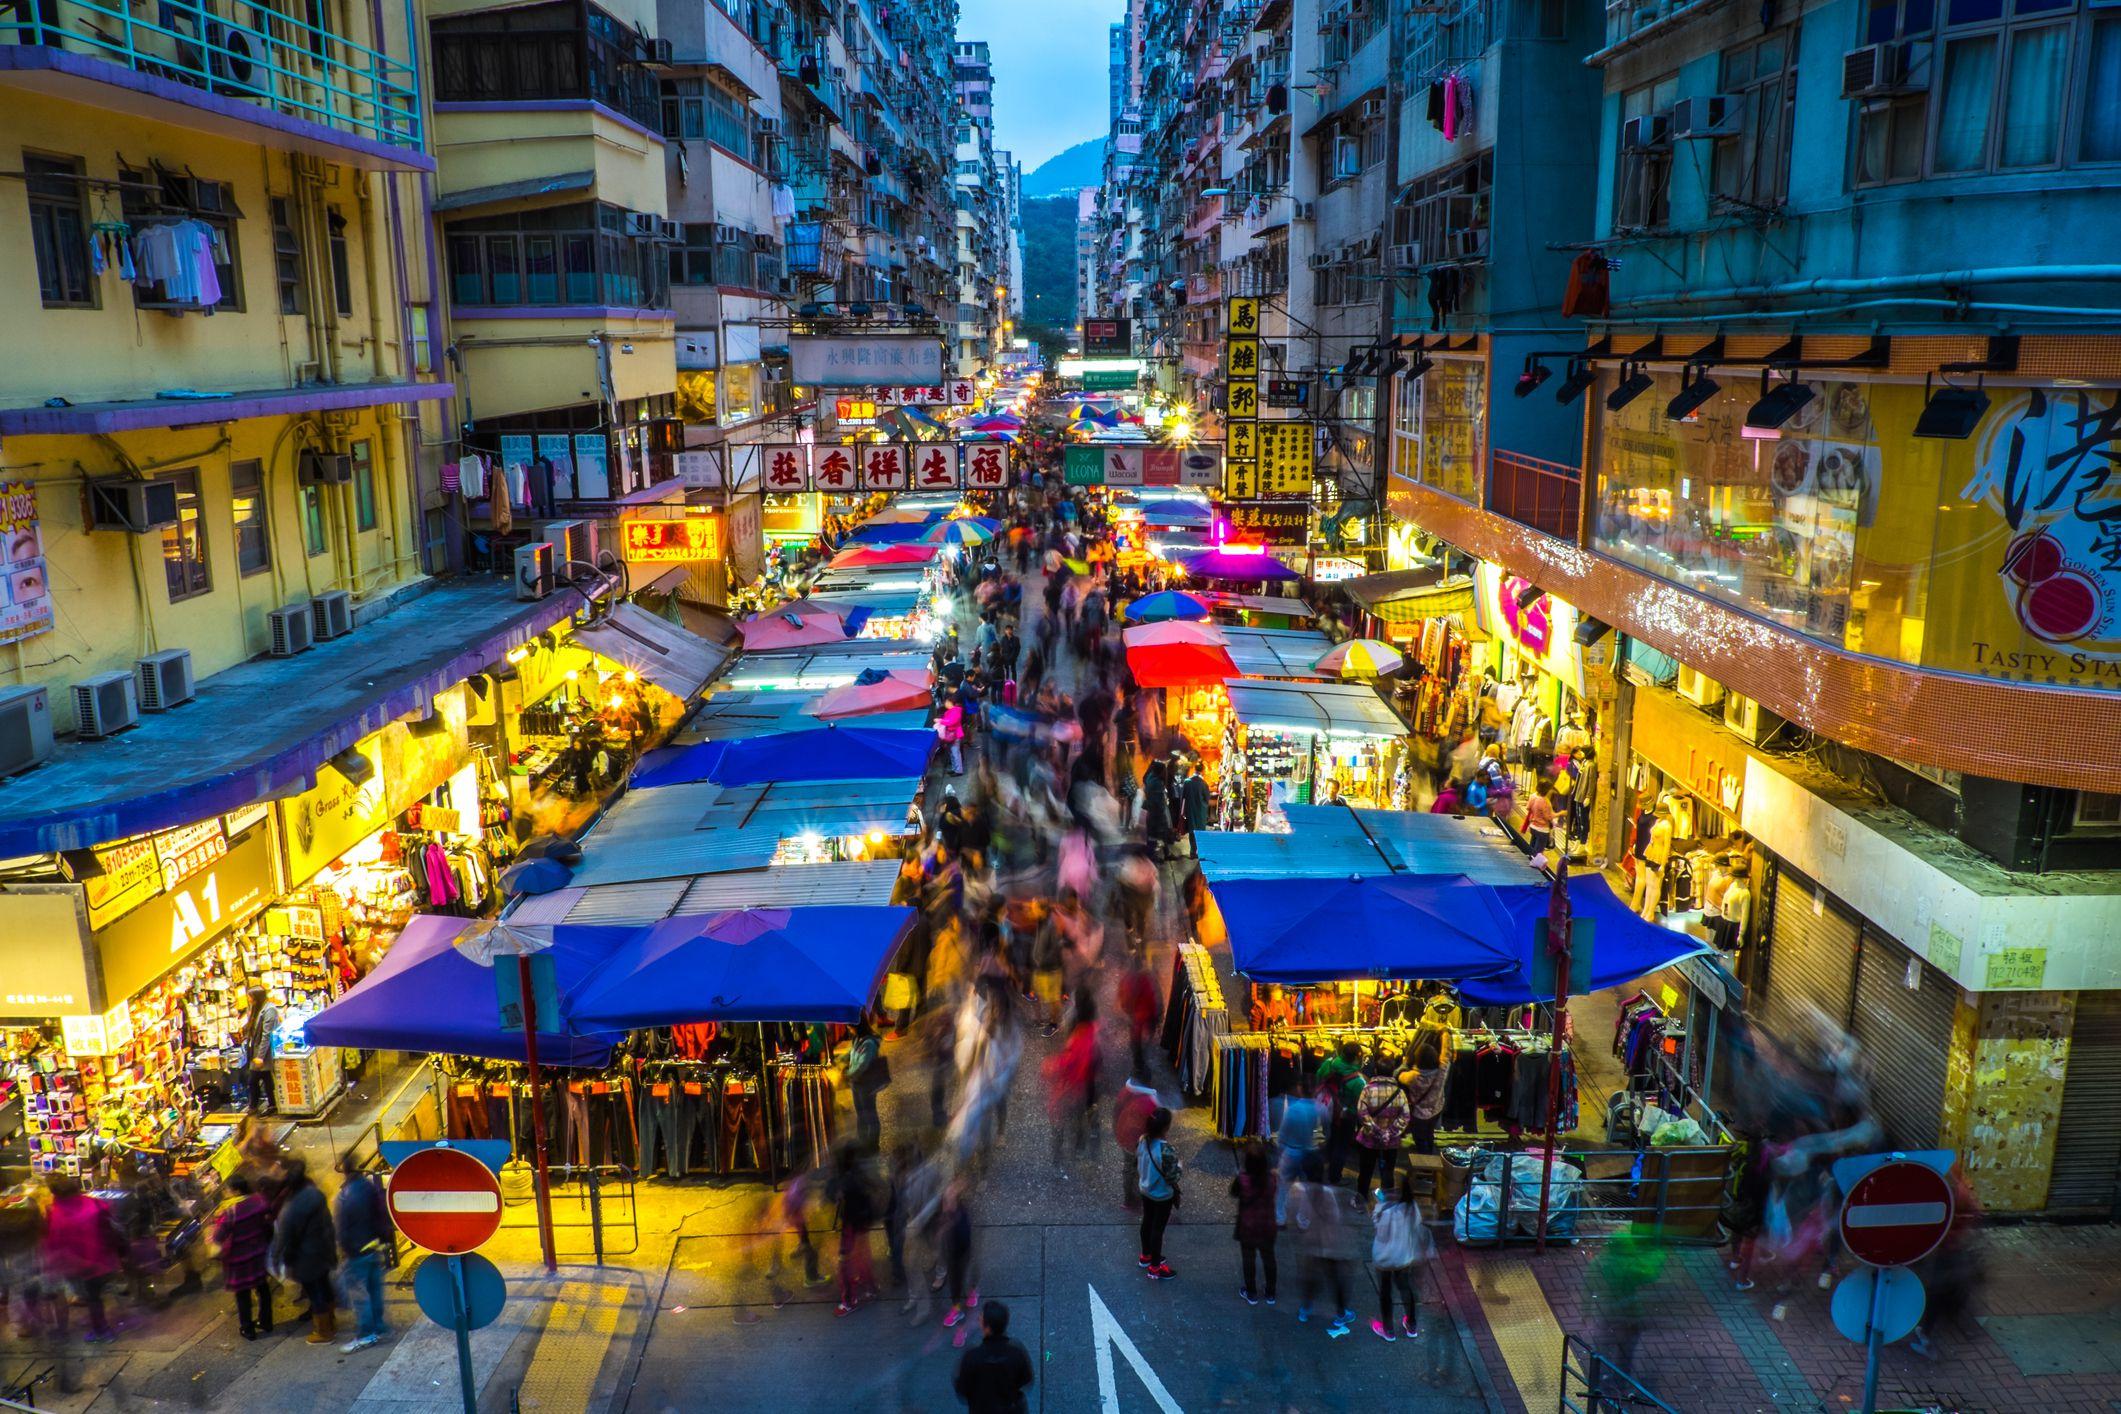 Crowded night market, Mongkok, Kowloon, Hong Kong